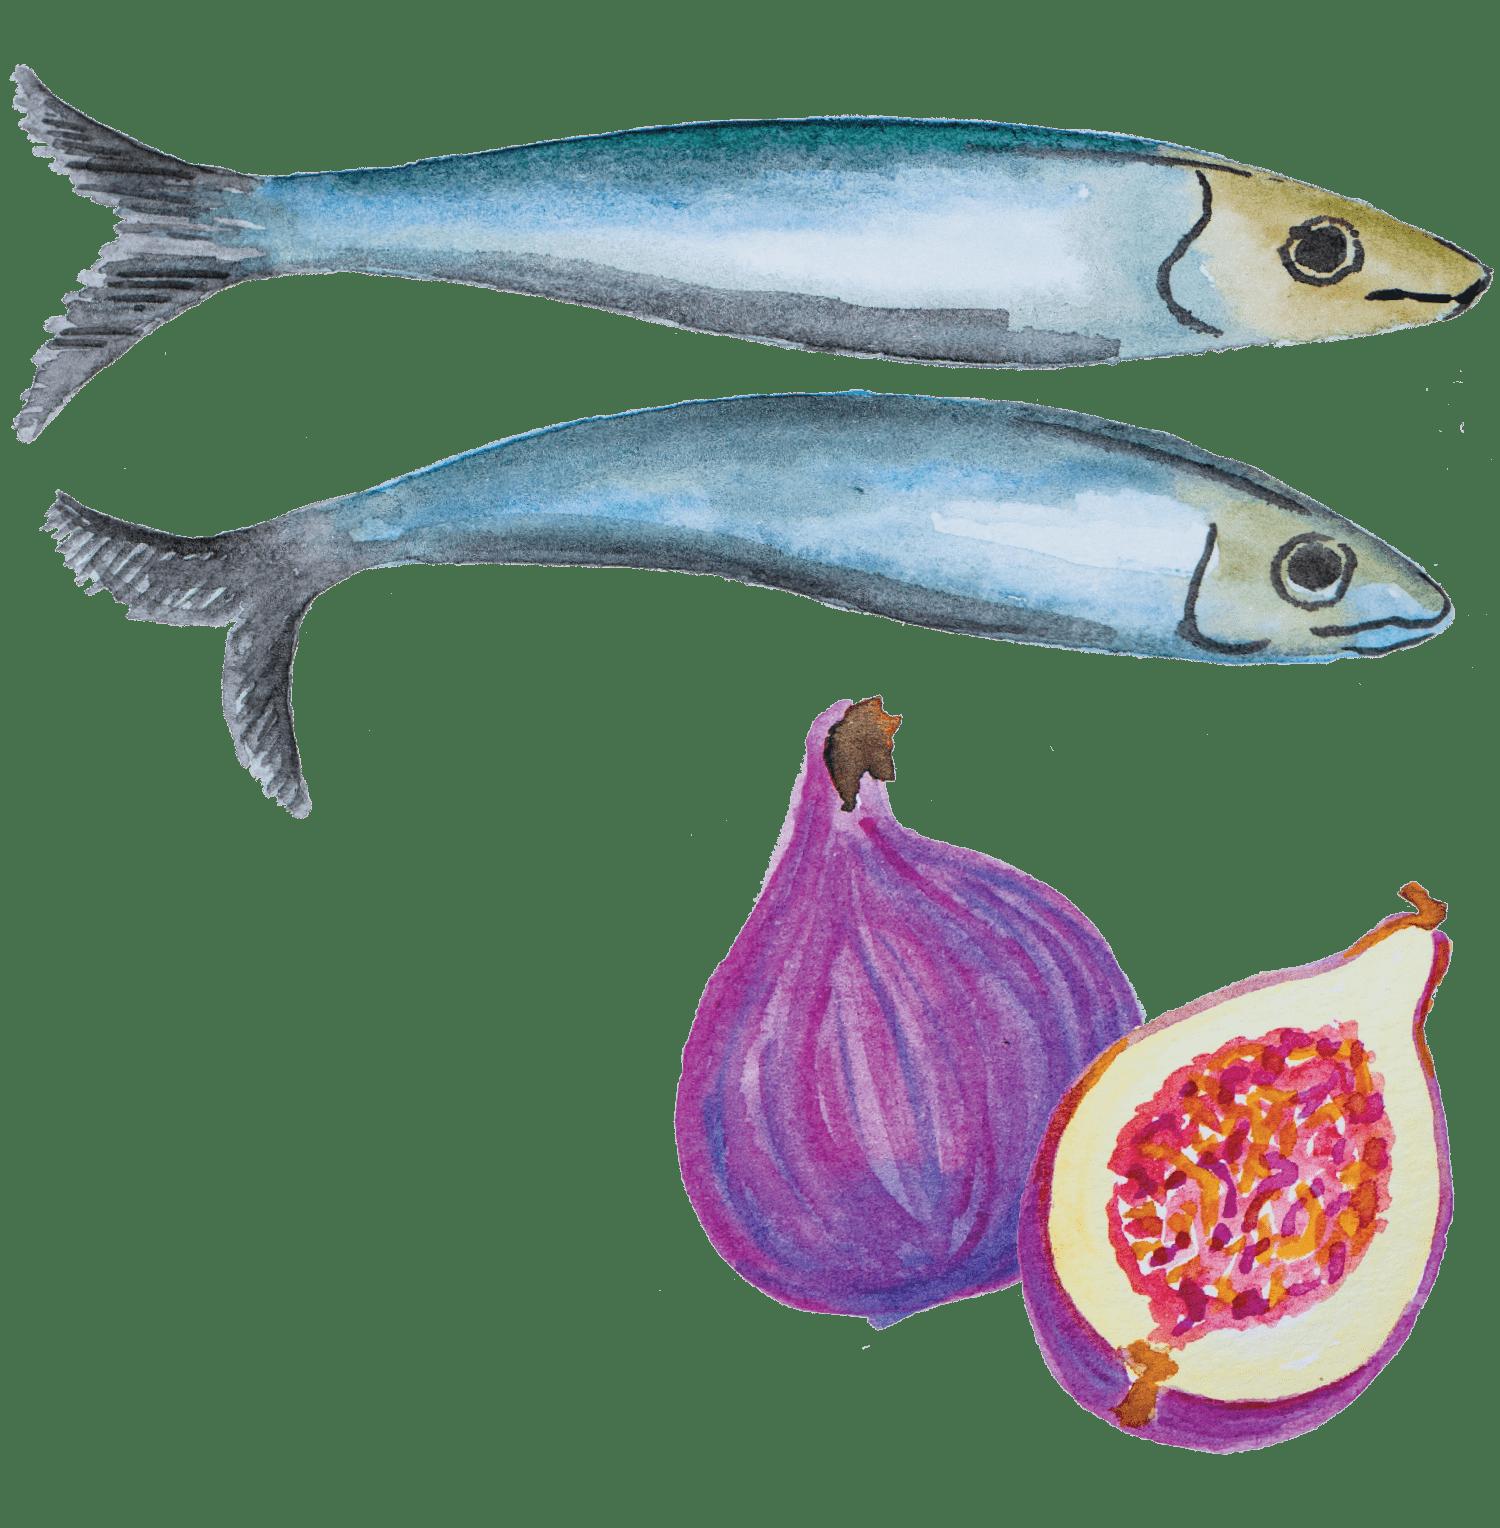 Tiborna de sardinhas portuguesas de conserva